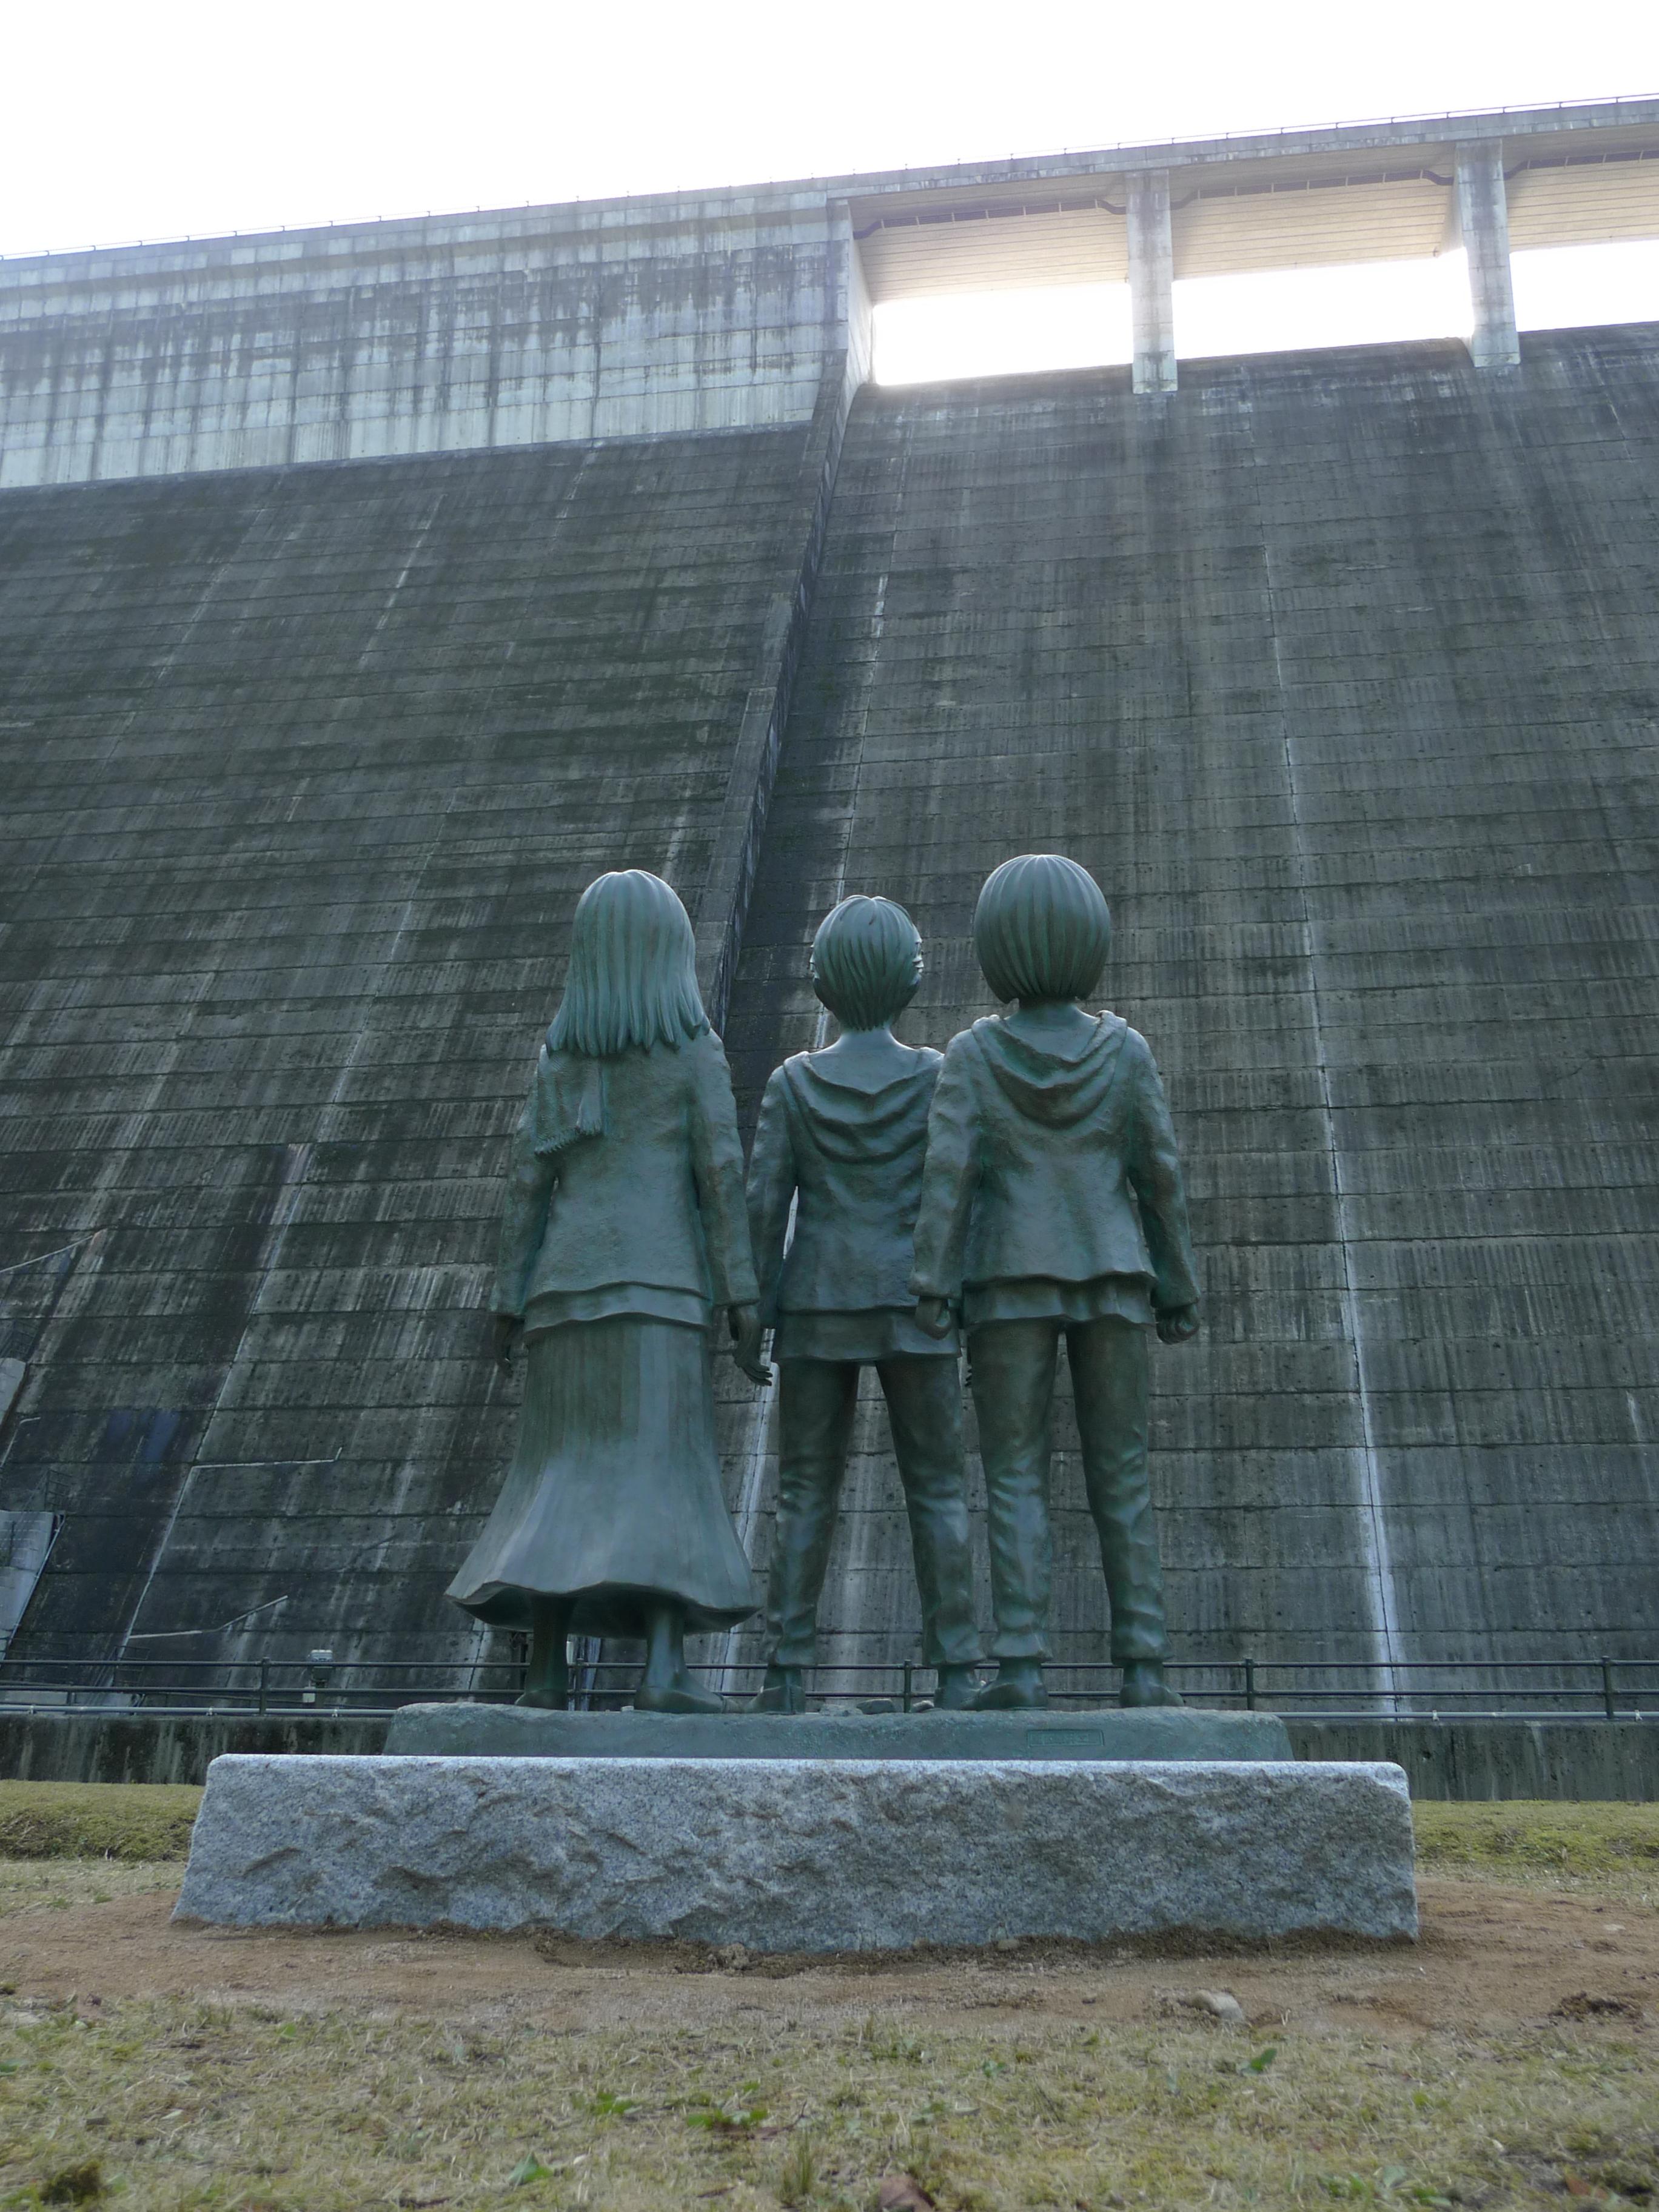 大山ダム堤体を見上げるエレン・ミカサ・アルミンの銅像(背面)